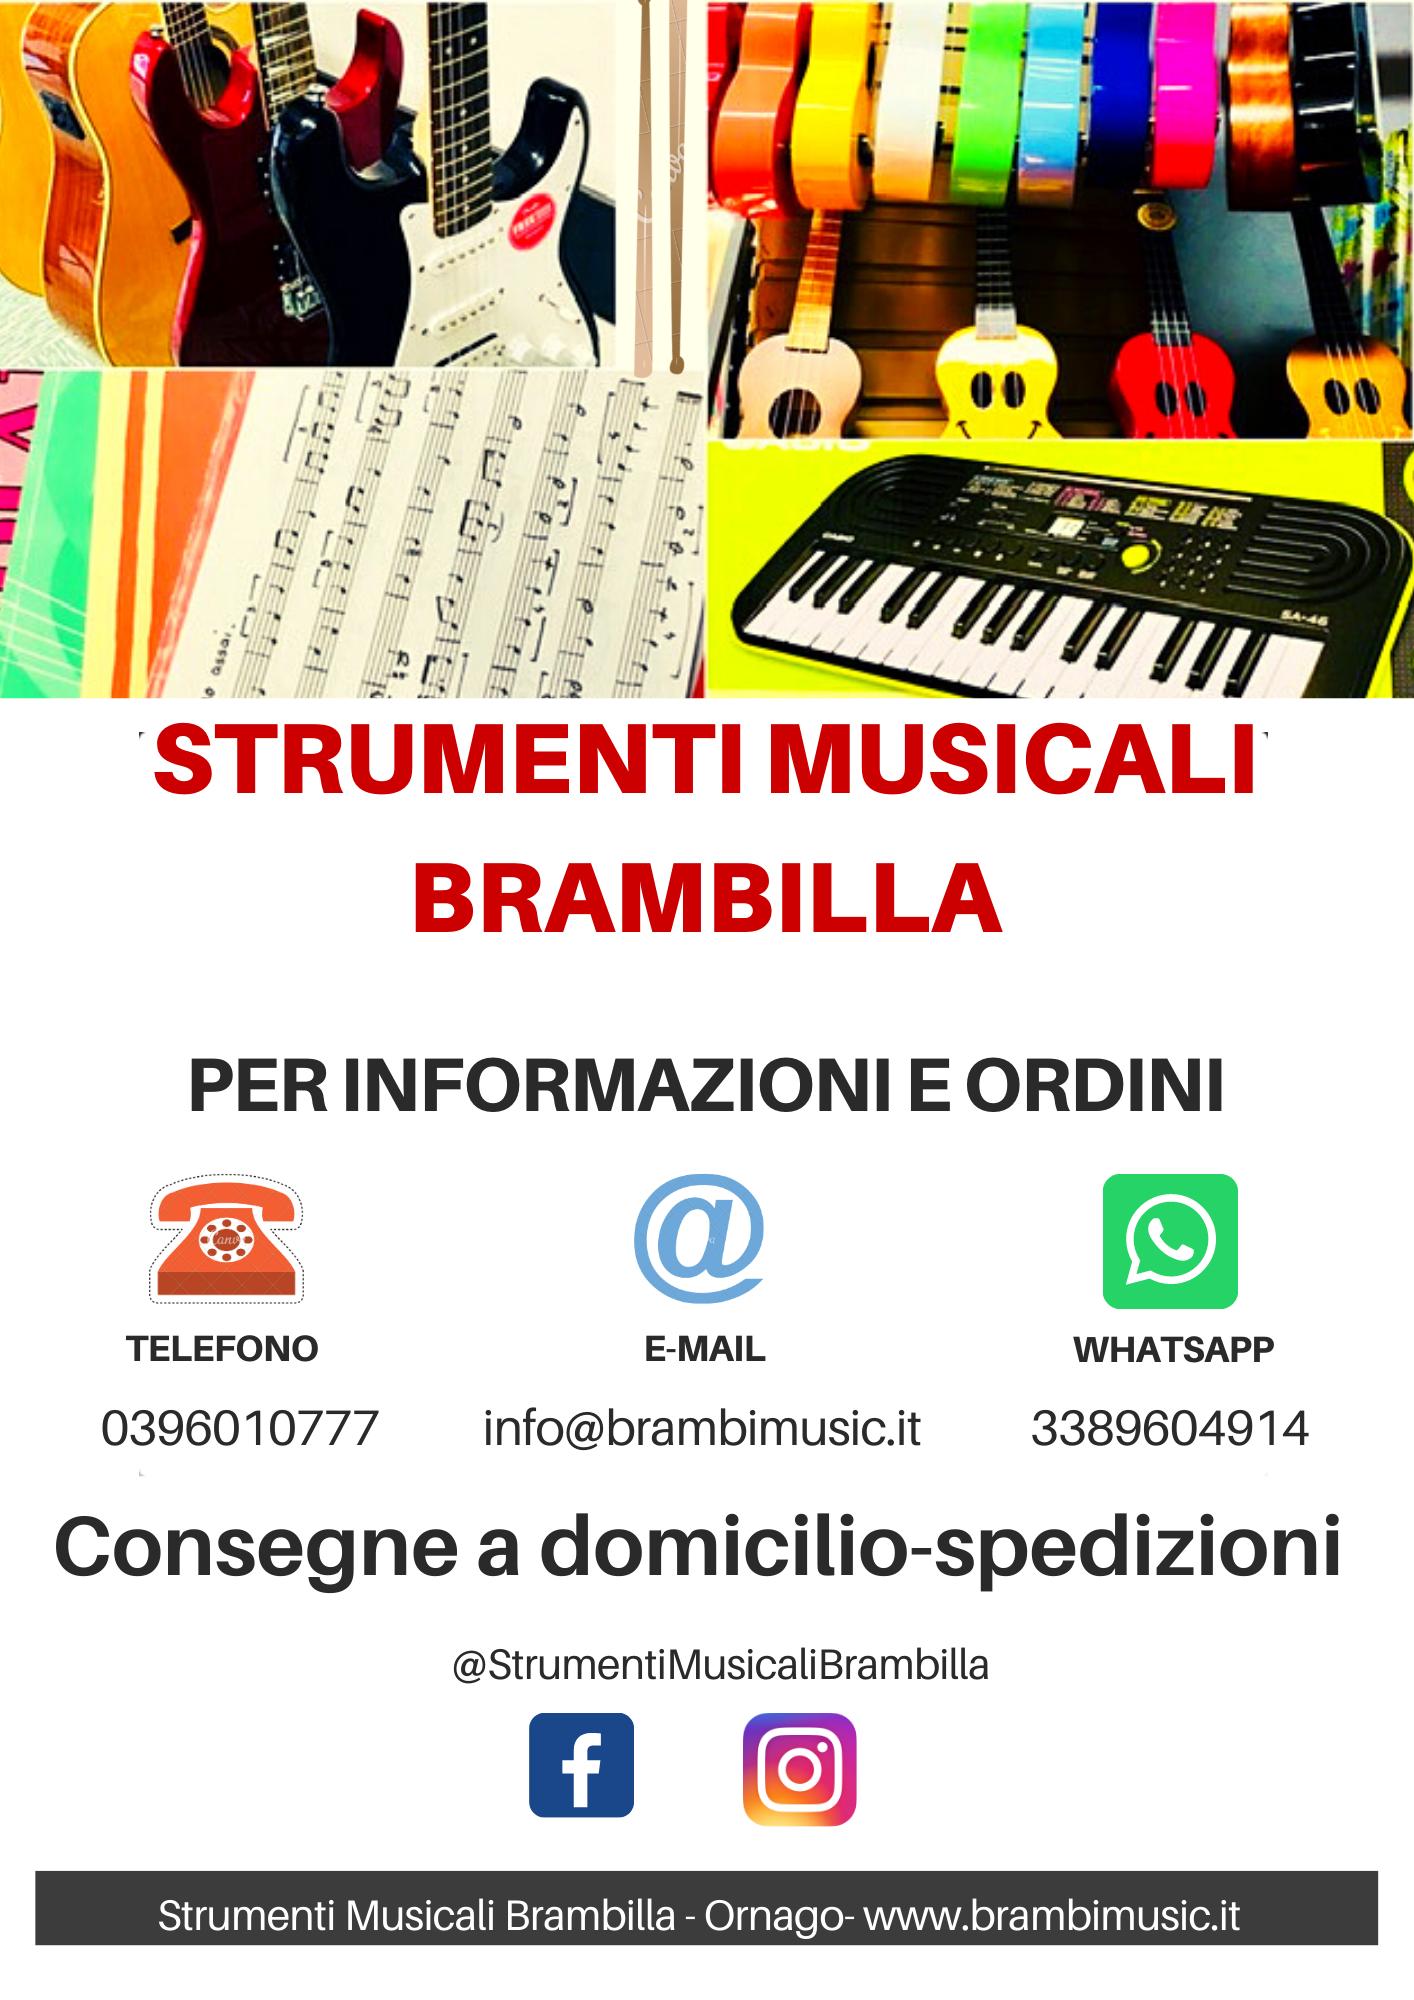 Strumenti Musicali Brambilla